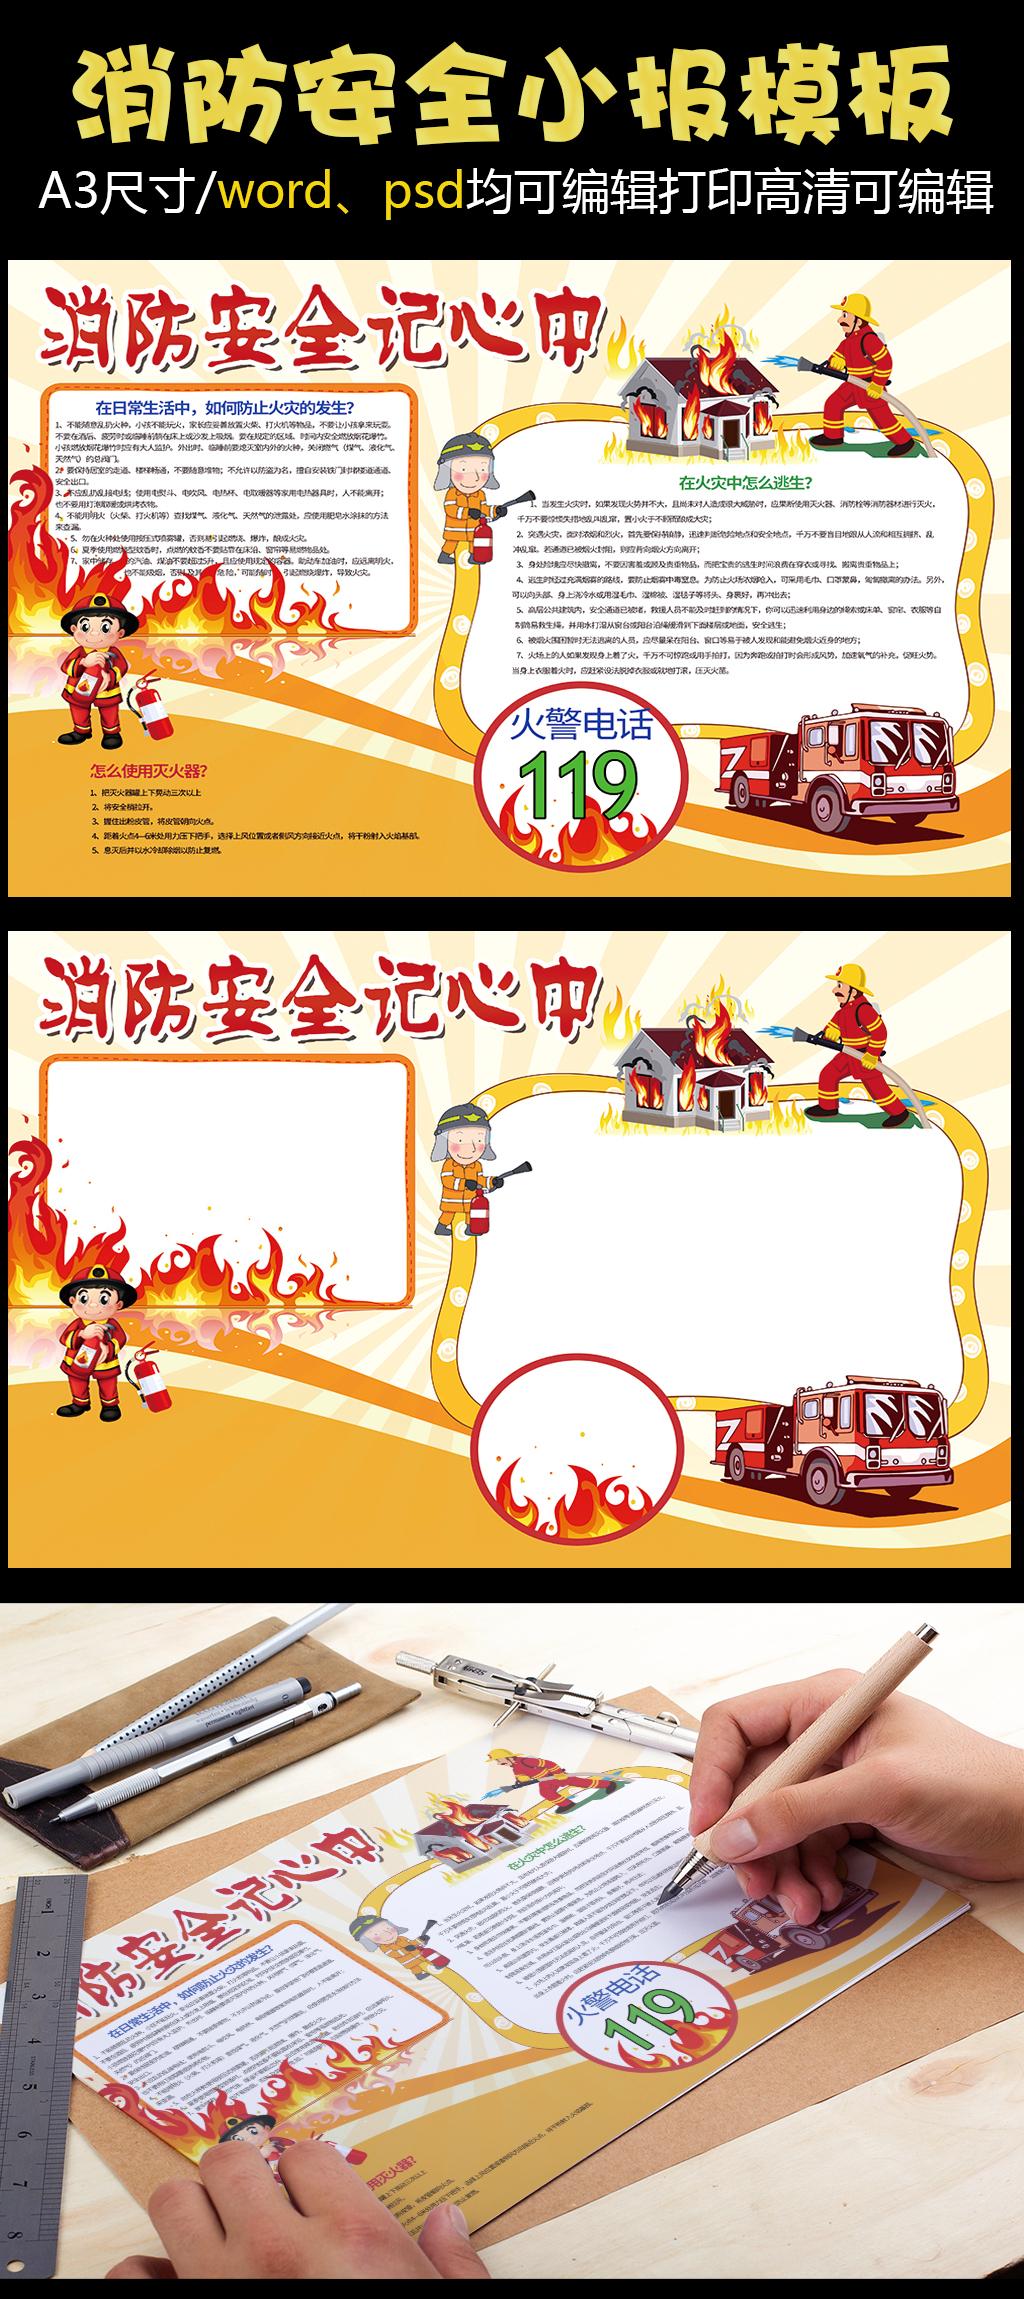 小报边框                                    消防安全小报背景